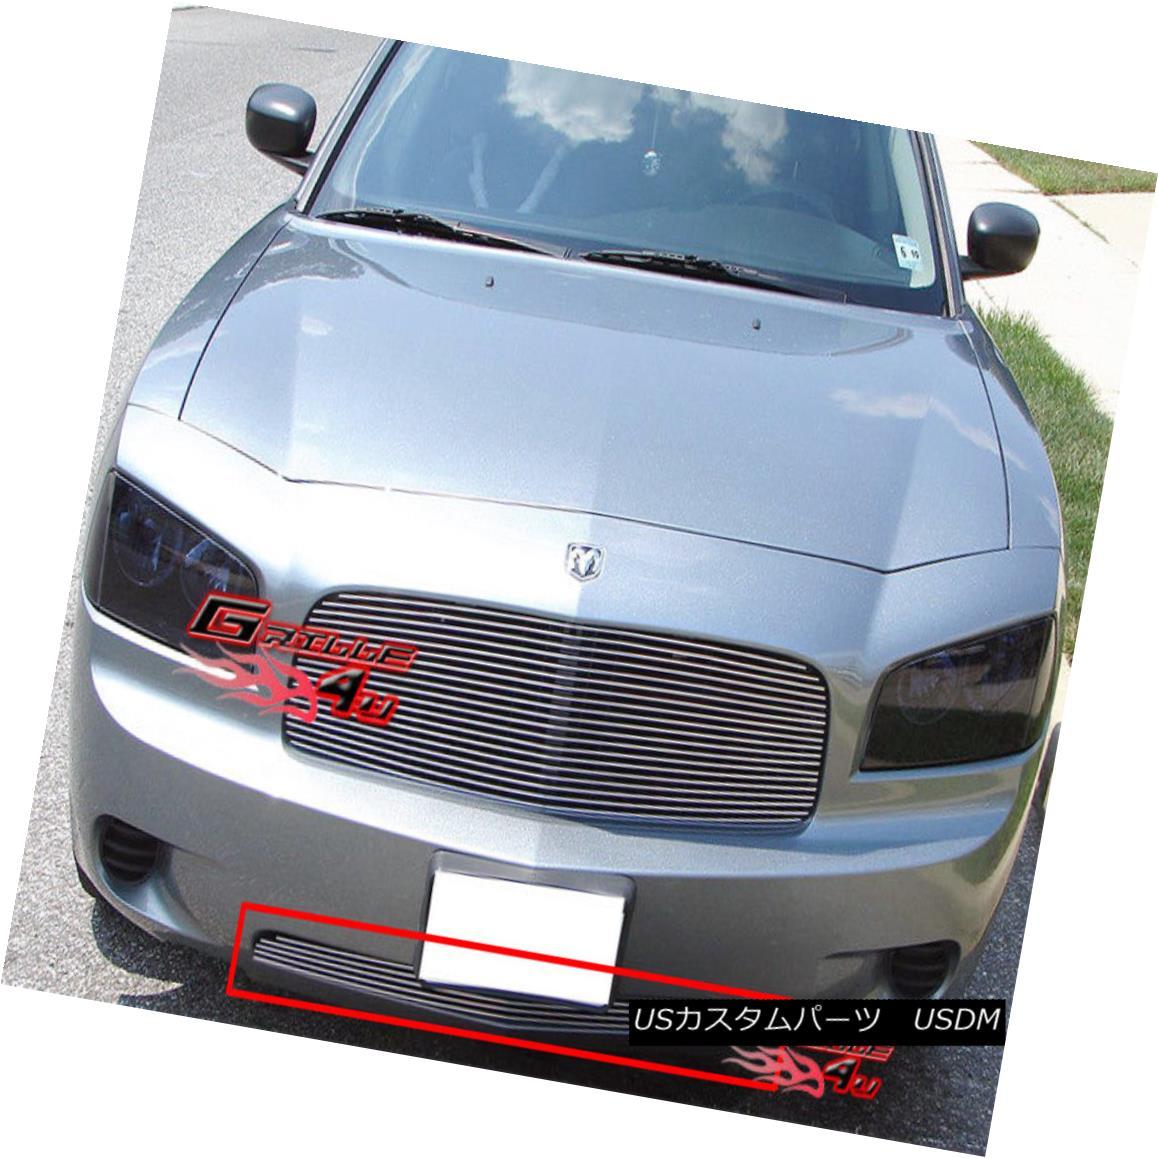 グリル Fits 05-10 Dodge Charger Lower Bumper Billet Grille Insert フィット05-10ダッジチャージャーロワーバンパービレットグリルインサート